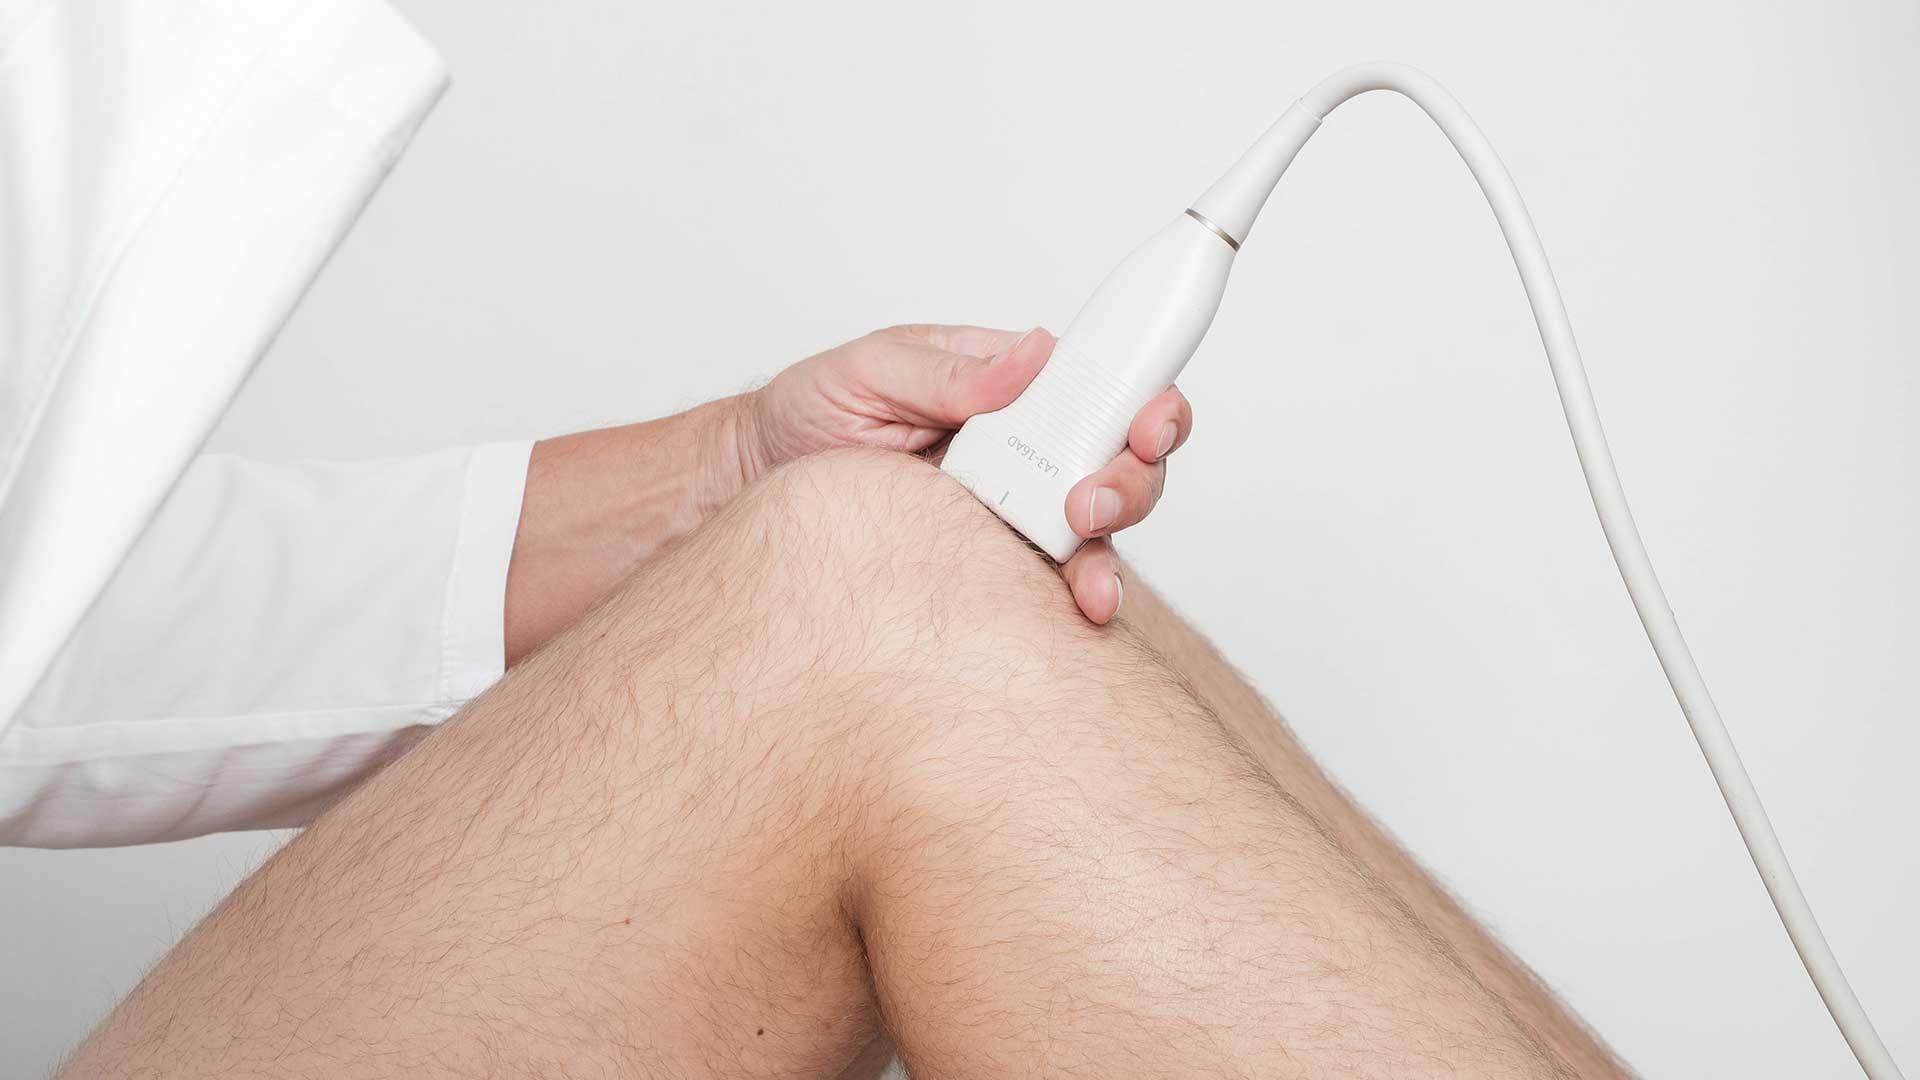 Intervencijski-i-dijagnosticki-ultrazvuk